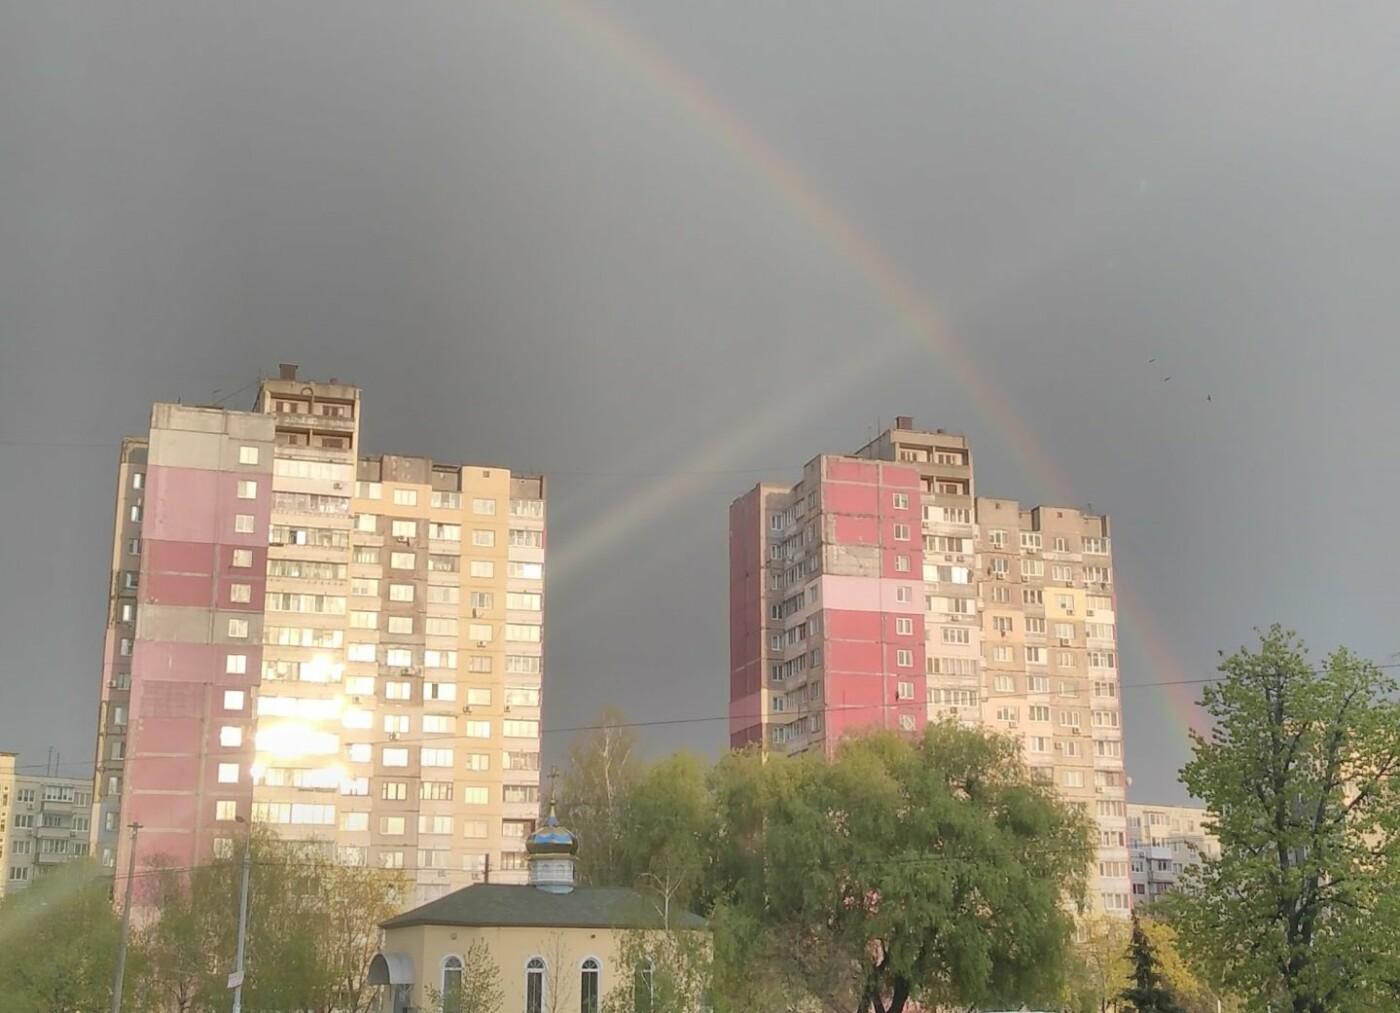 Радужный массив, фото: Taras Kornienko